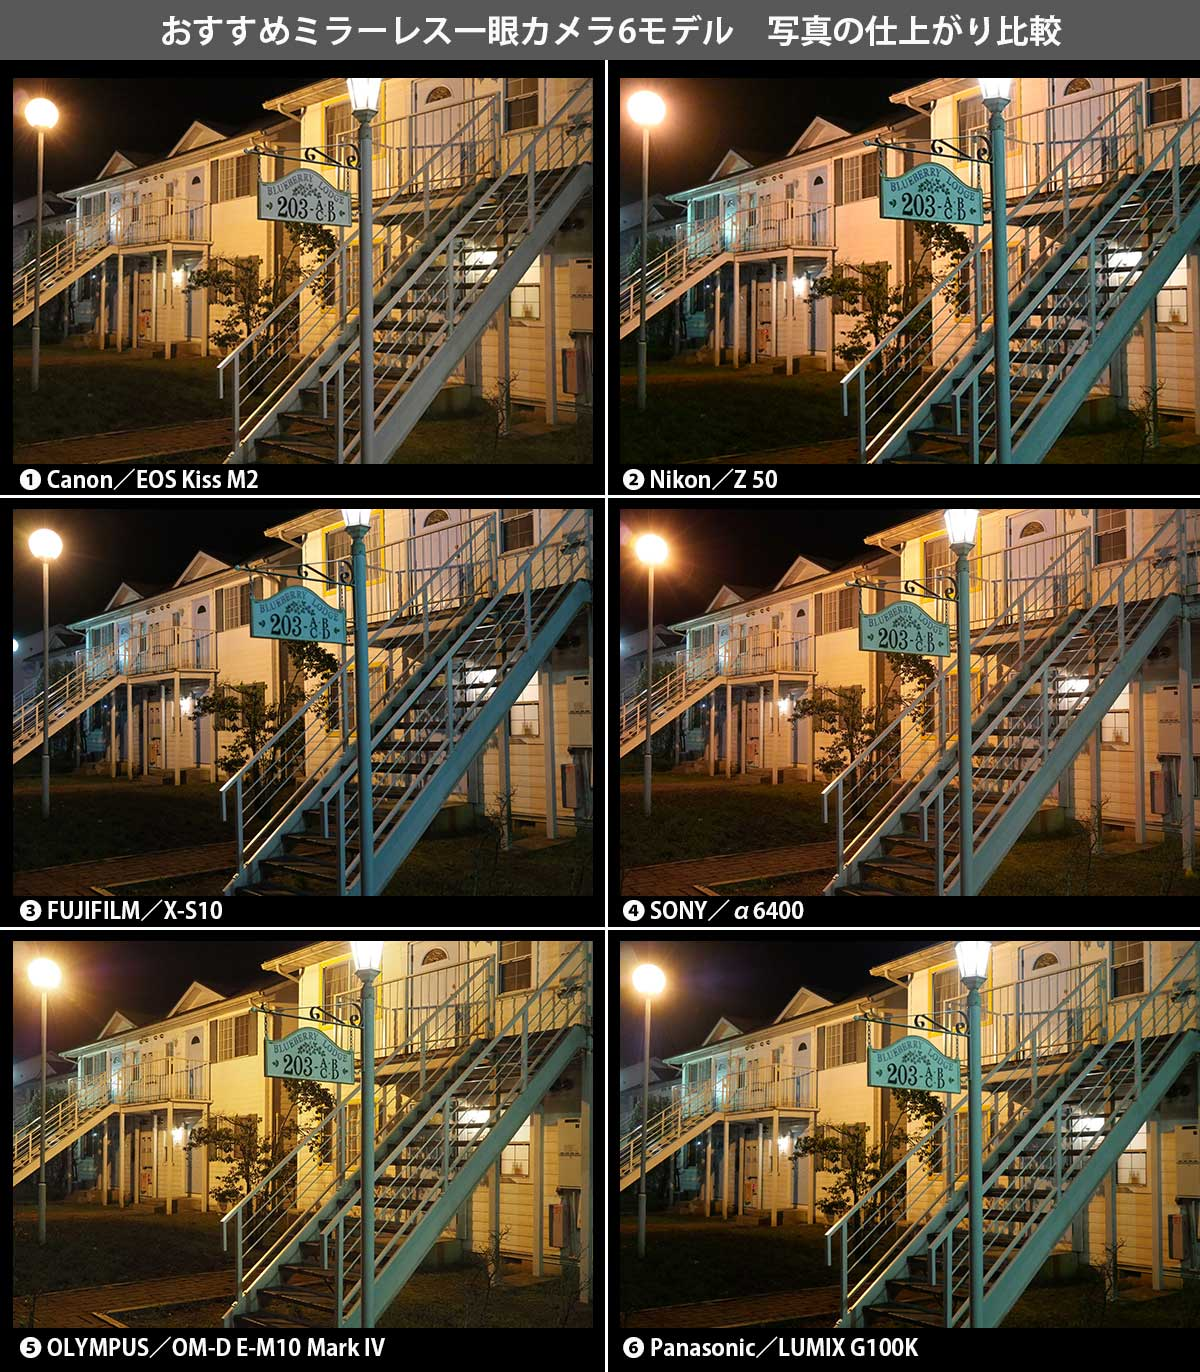 おすすめミラーレス一眼カメラ6モデル 写真の仕上がり比較画像